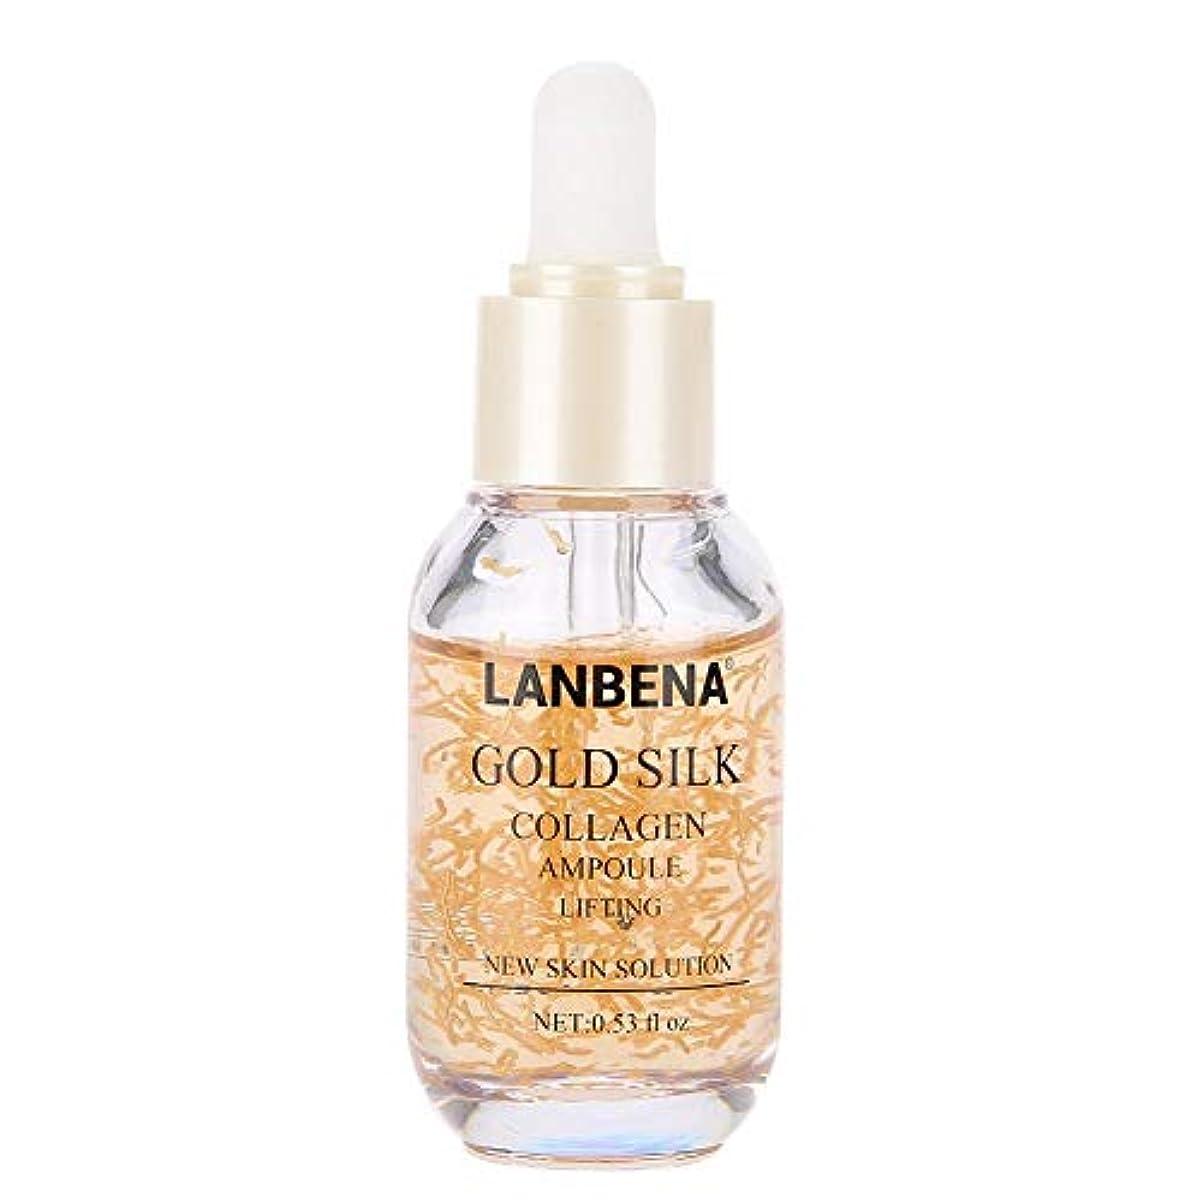 コウモリ腹痛冷ややかなコラーゲンフェイシャルエッセンス、肌への潤い 修理 保湿 引き締め 肌の輝き ユニセックス スキンケア製品